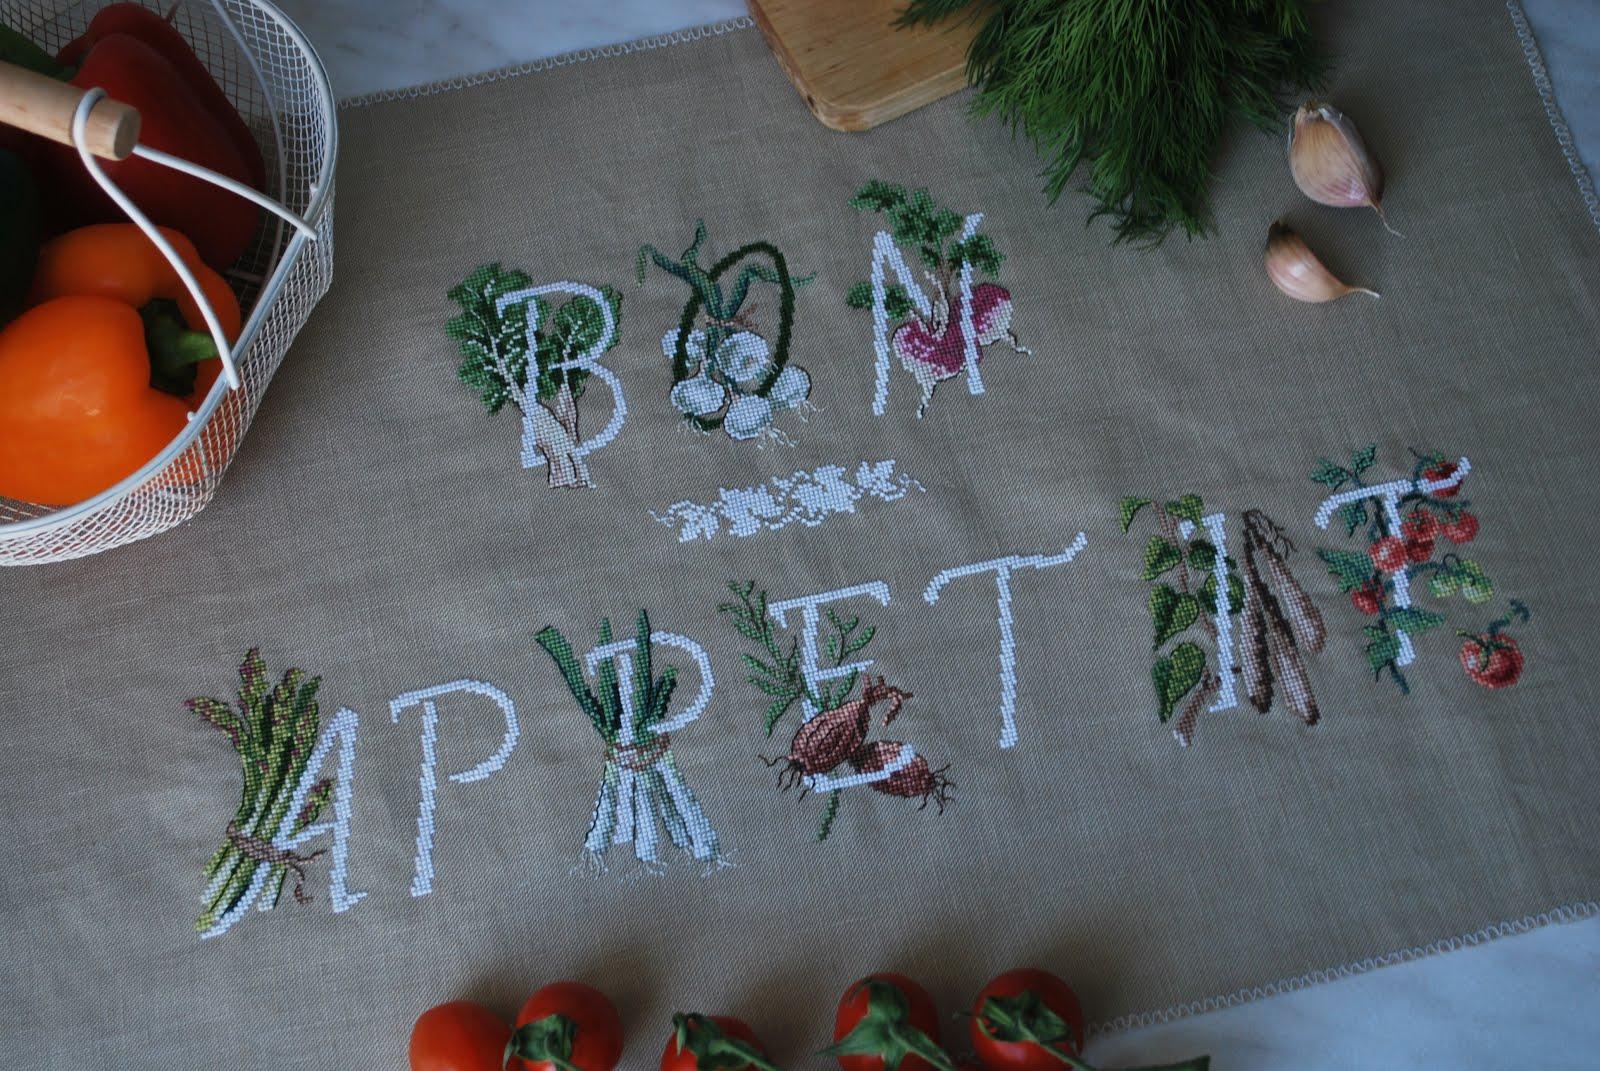 """Моя работа """"Bon Appetit"""" заняла 2-e место в конкурсе """"Цифры и буквы"""" на сайте nacrestike.ru"""